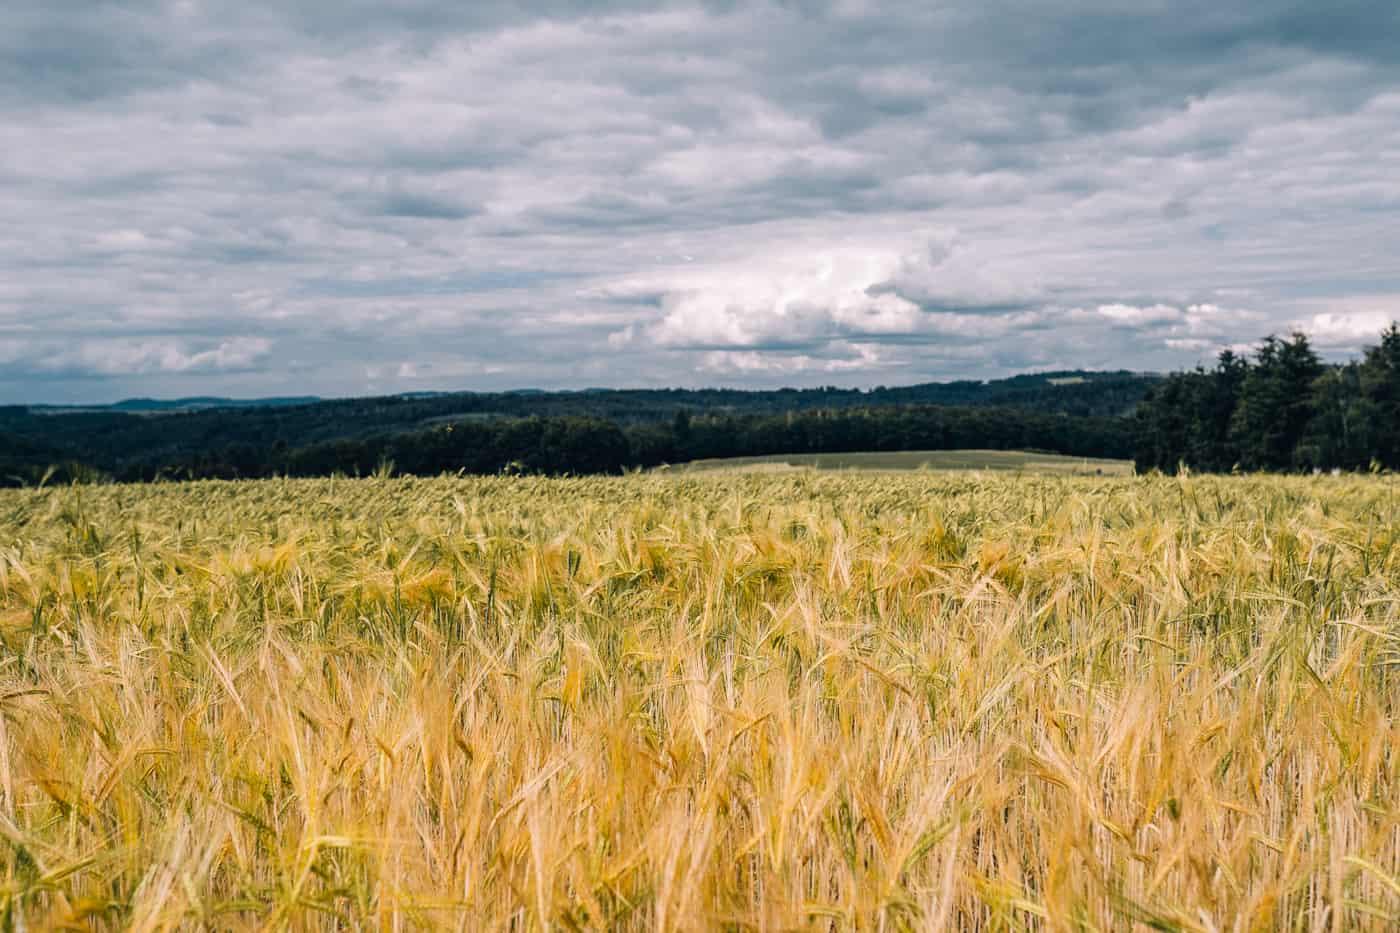 Baybachklamm Traumschleife Wanderung - Weite Felder bei Steffenshof